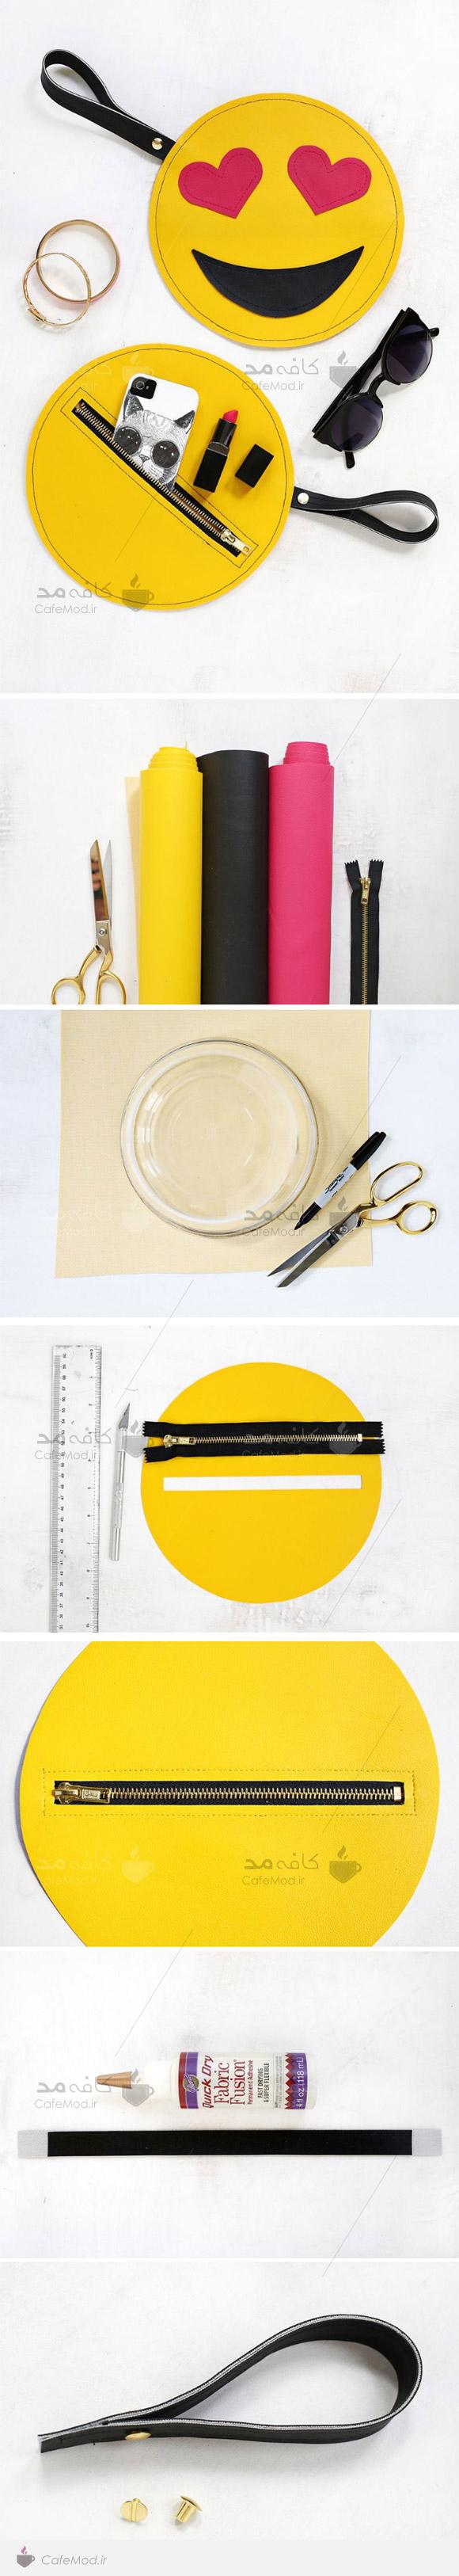 آموزش دوخت کیف کوچک دستی